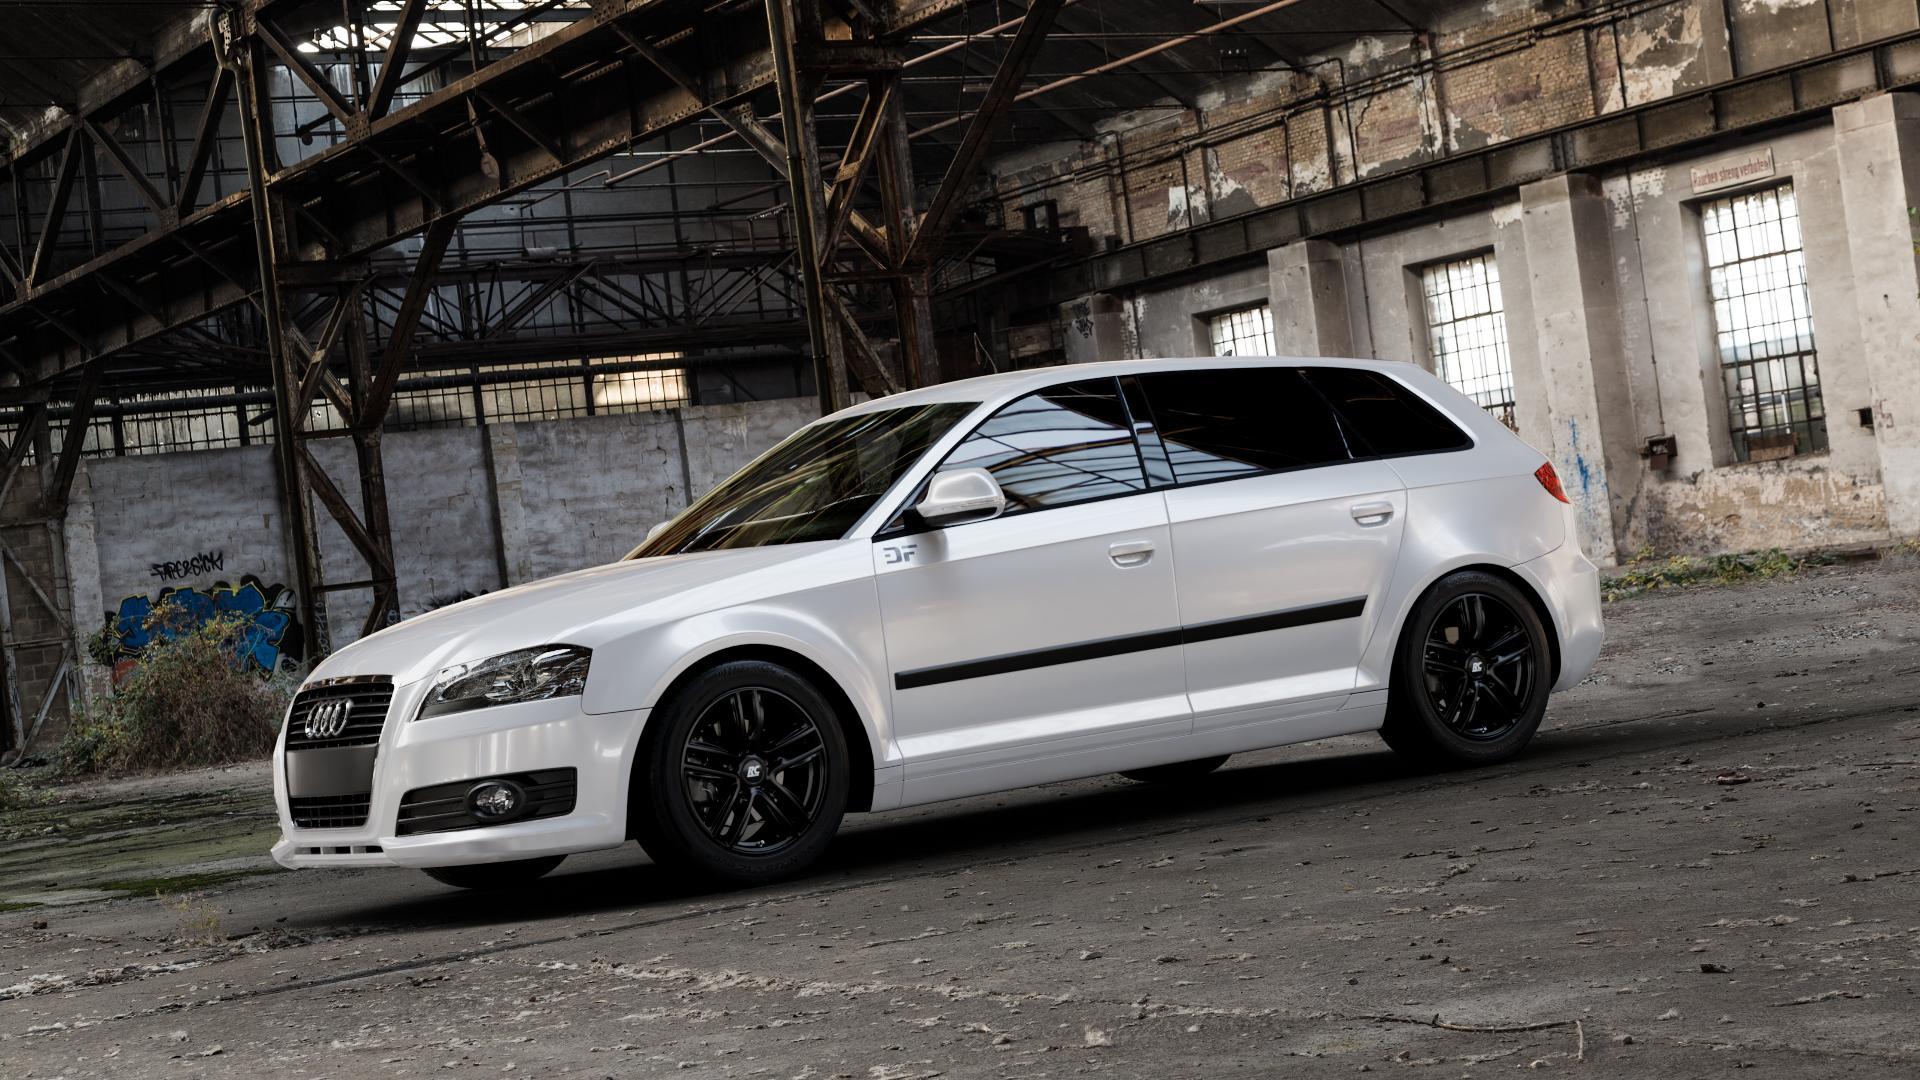 RC Design RC27 schwarz-matt lackiert Felge mit Reifen in 16Zoll Winterfelge Alufelge auf weissem Audi A3 Typ 8P (Sportback) 1,6l 75kW (102 PS) 2,0l FSI 110kW (150 1,9l TDI 77kW (105 103kW (140 TFSI 147kW (200 85kW (116 100kW (136 1,8l 118kW (160 125kW (170 1,4l 92kW (125 120kW (163 quattro 3,2l V6 184kW (250 S3 195kW (265 1,2l 66kW (90 18